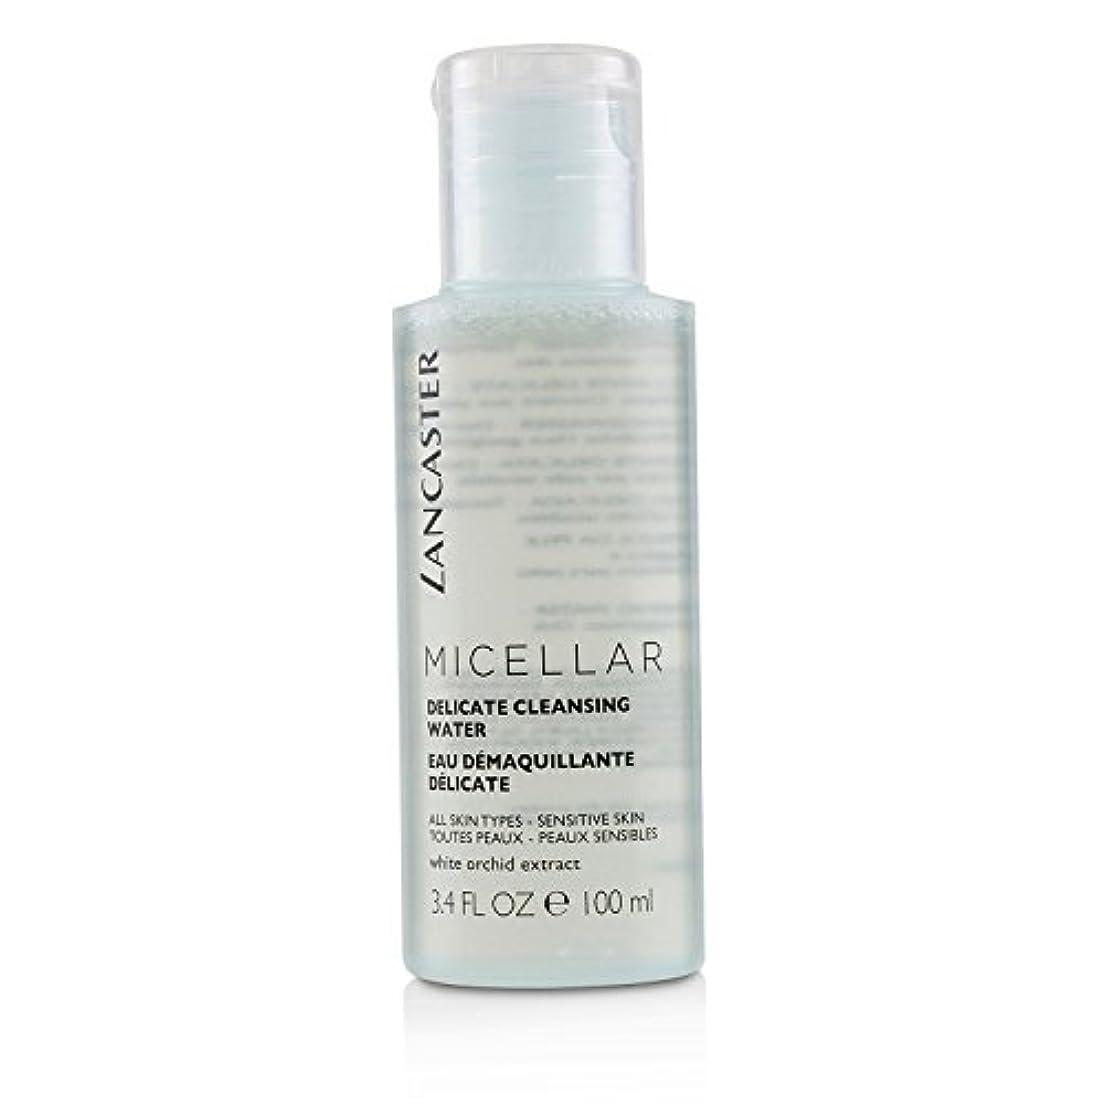 シャッター漂流後方ランカスター Micellar Delicate Cleansing Water - All Skin Types, Including Sensitive Skin 100ml/3.4oz並行輸入品